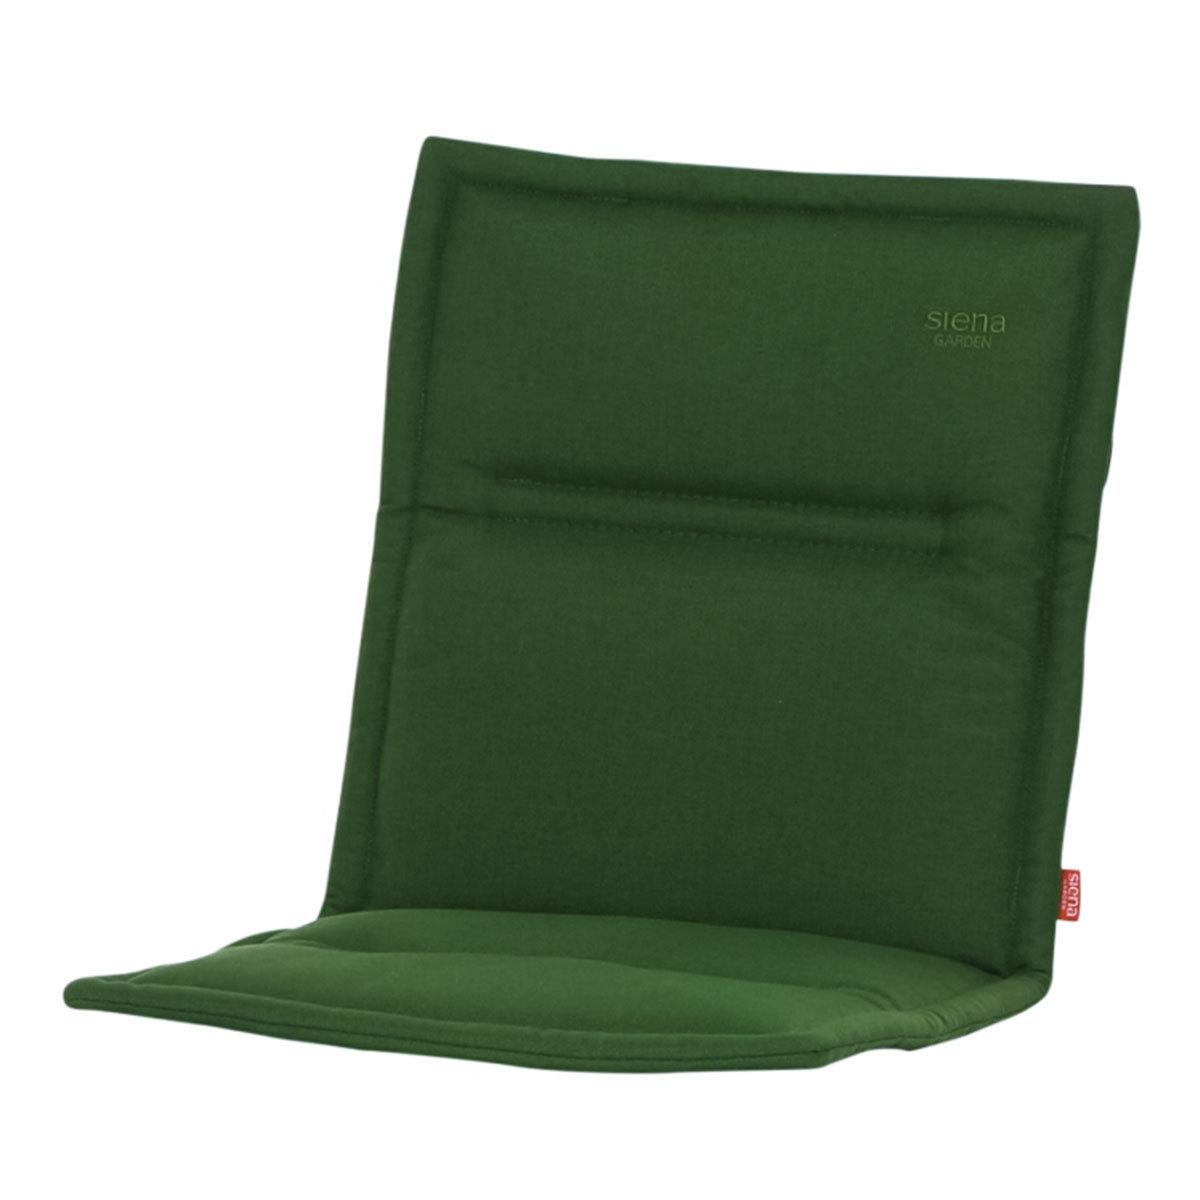 Auflage Musica für Stapelsessel, grün